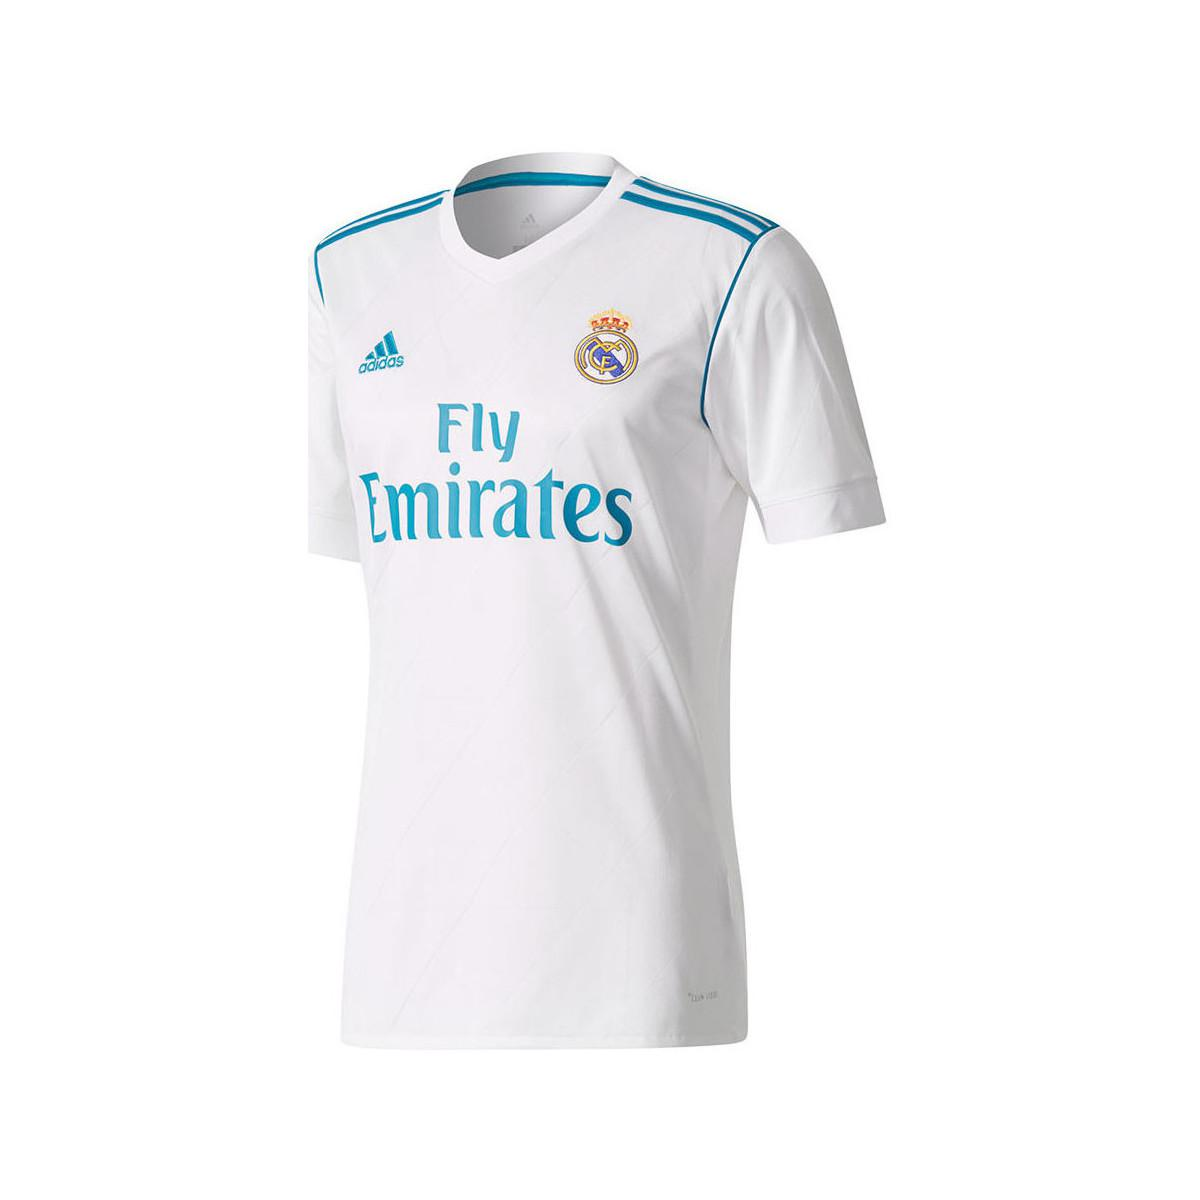 b898152b7 adidas 2017-18 Real Madrid Home Shirt (sergio Ramos 4) Women s T ...